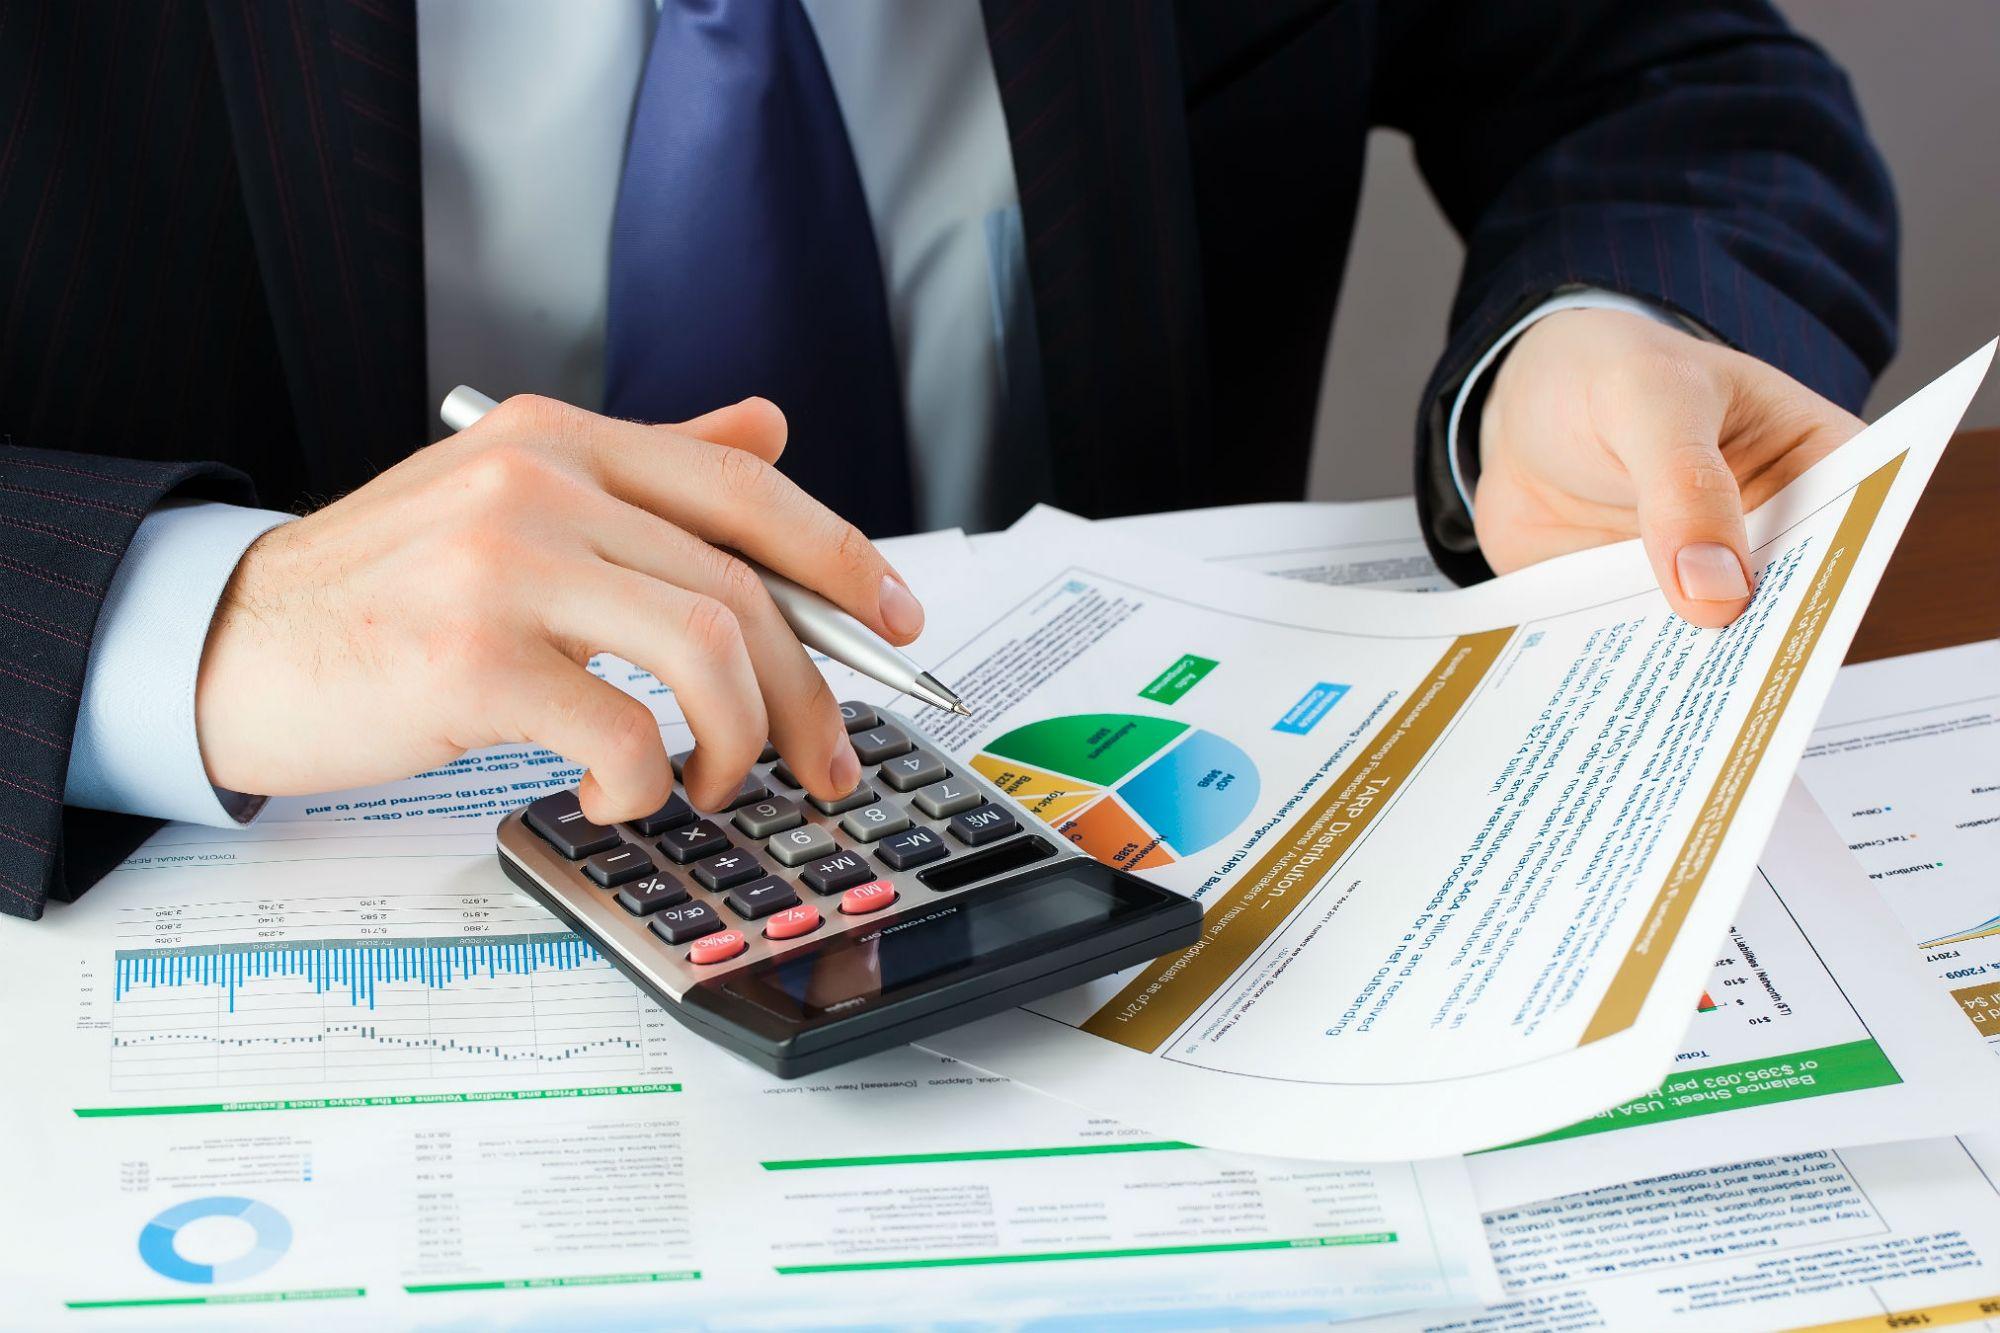 planificacion financiera en la empresa